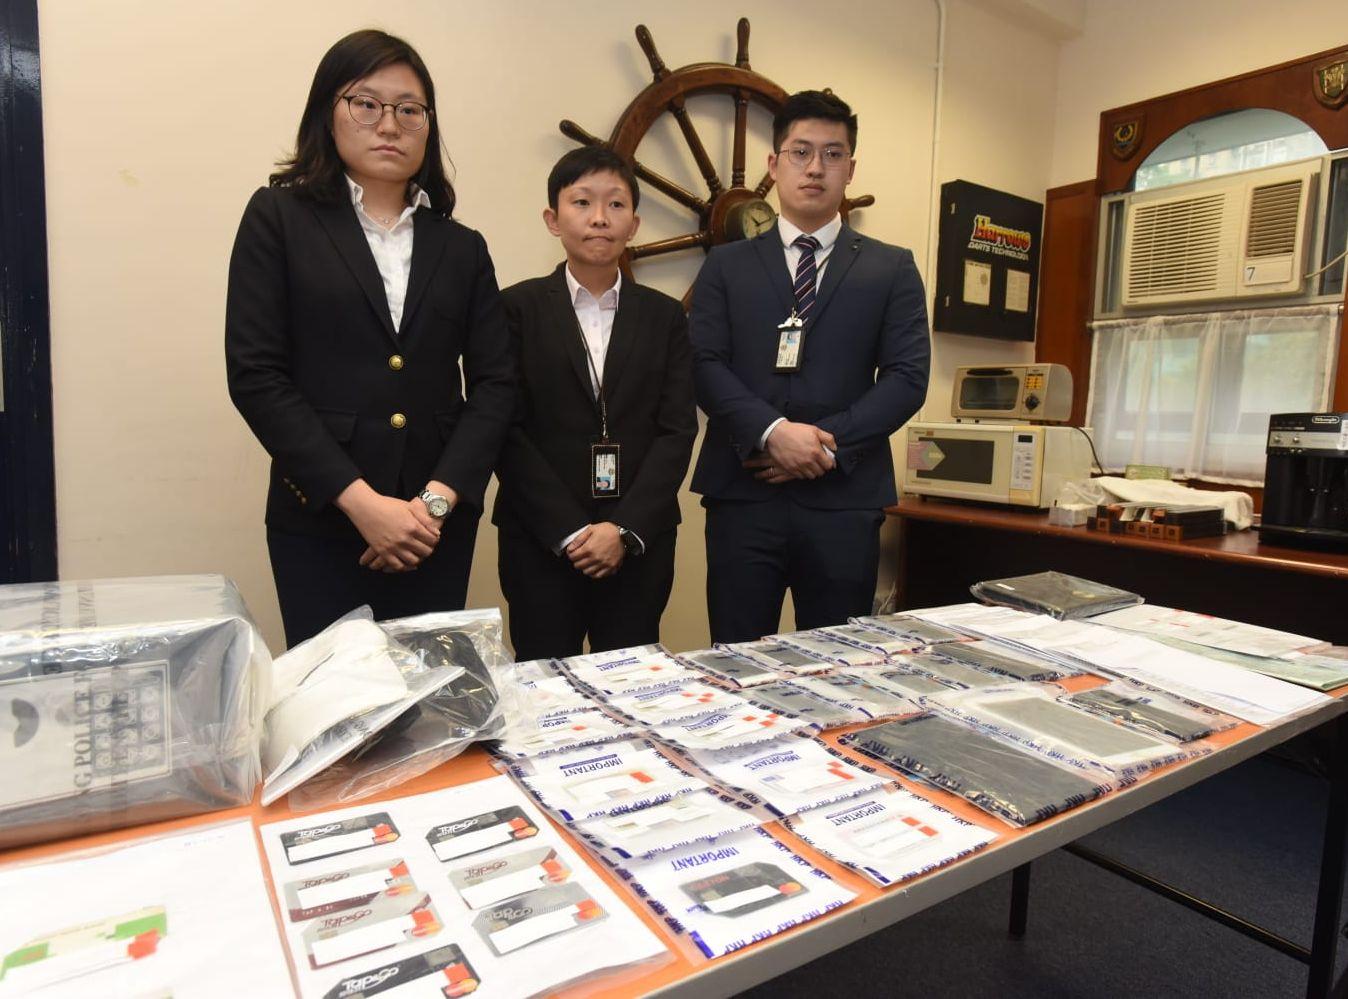 警方瓦解一個由香港人及南亞裔人士合作的盜竊及信用卡詐騙集團。